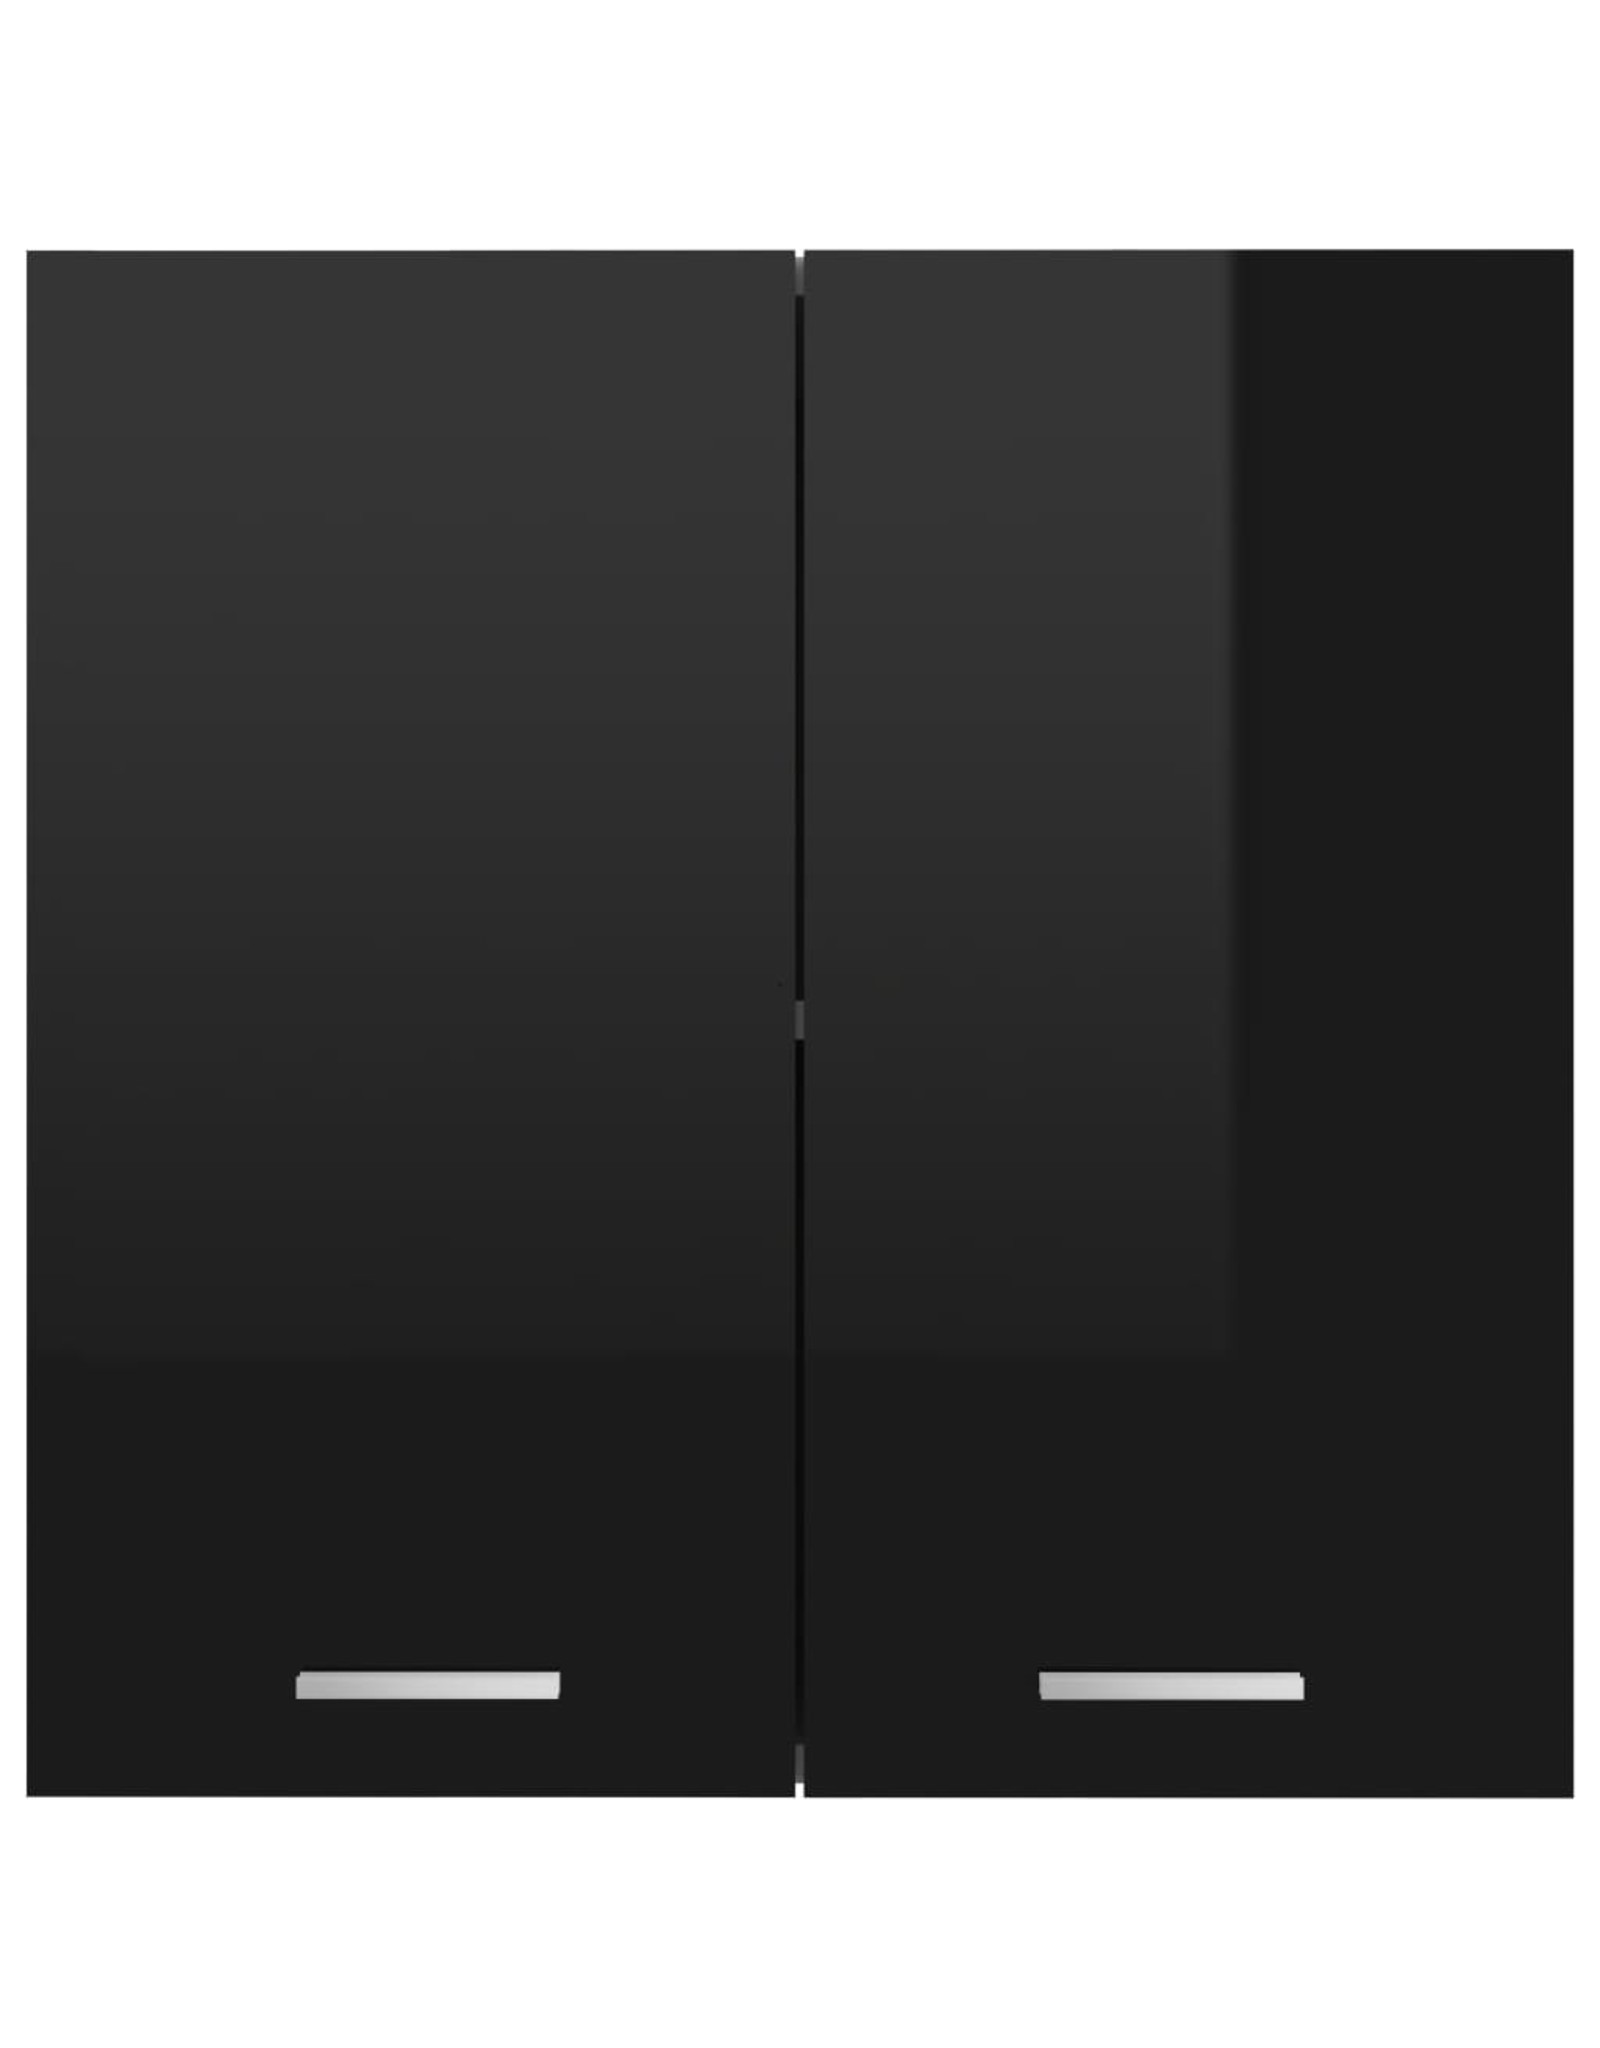 Hangkast 60x31x60 cm spaanplaat hoogglans zwart